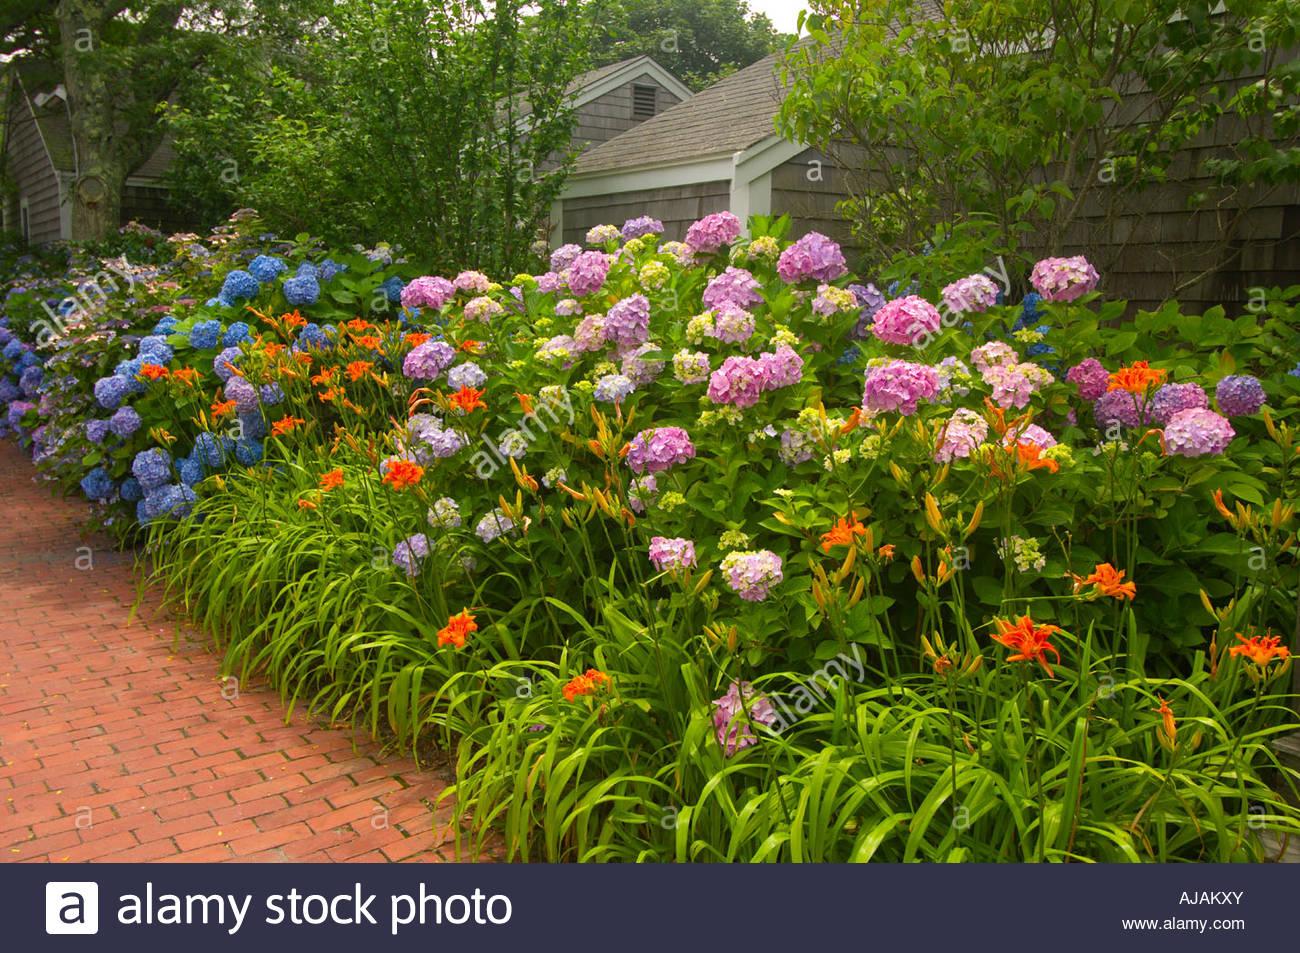 Flower Gardens Nantucket Town Nantucket Island Massachusetts USA